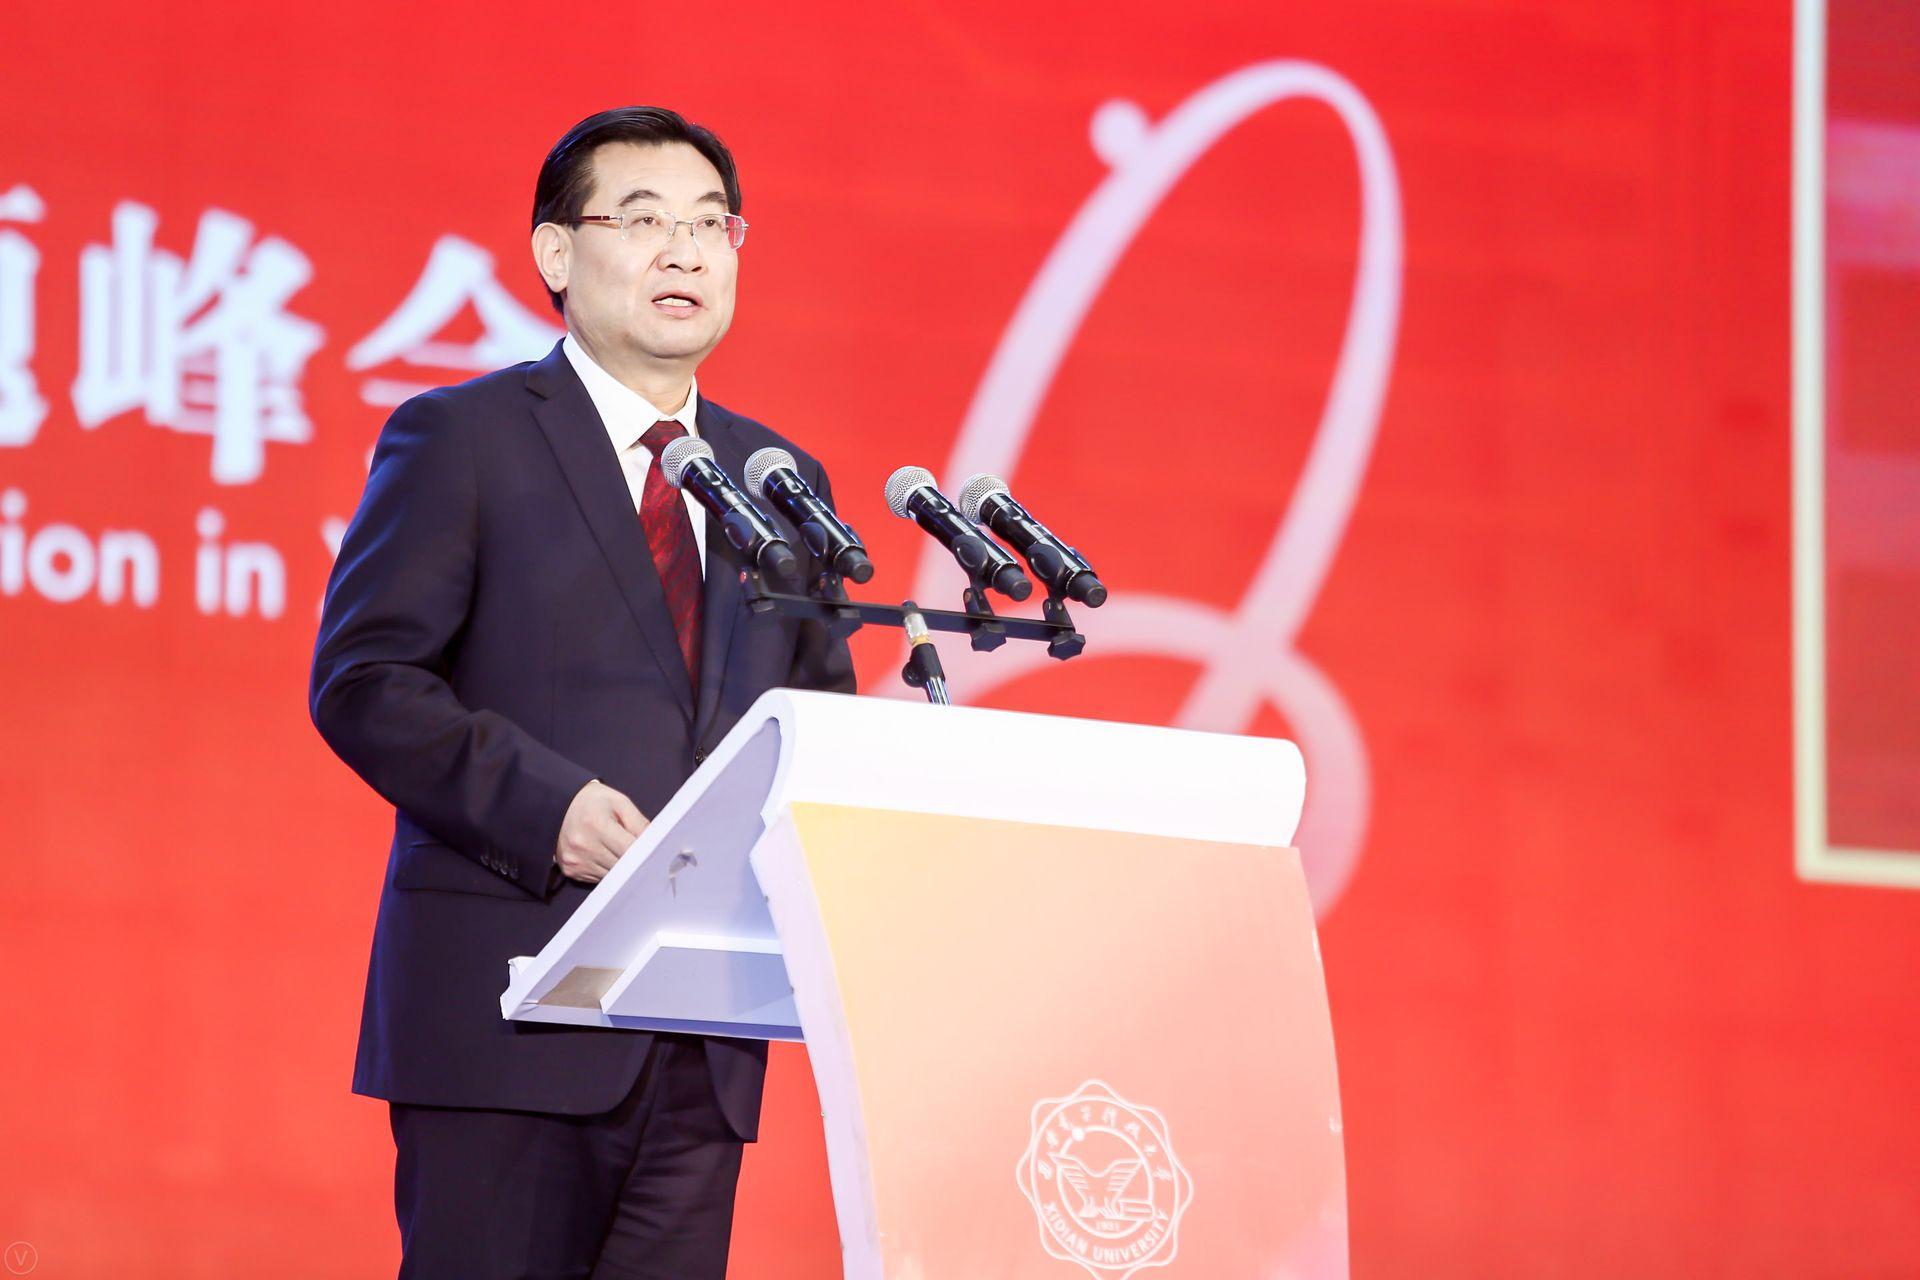 主题峰会|胡和平:陕西的发展西电贡献卓著